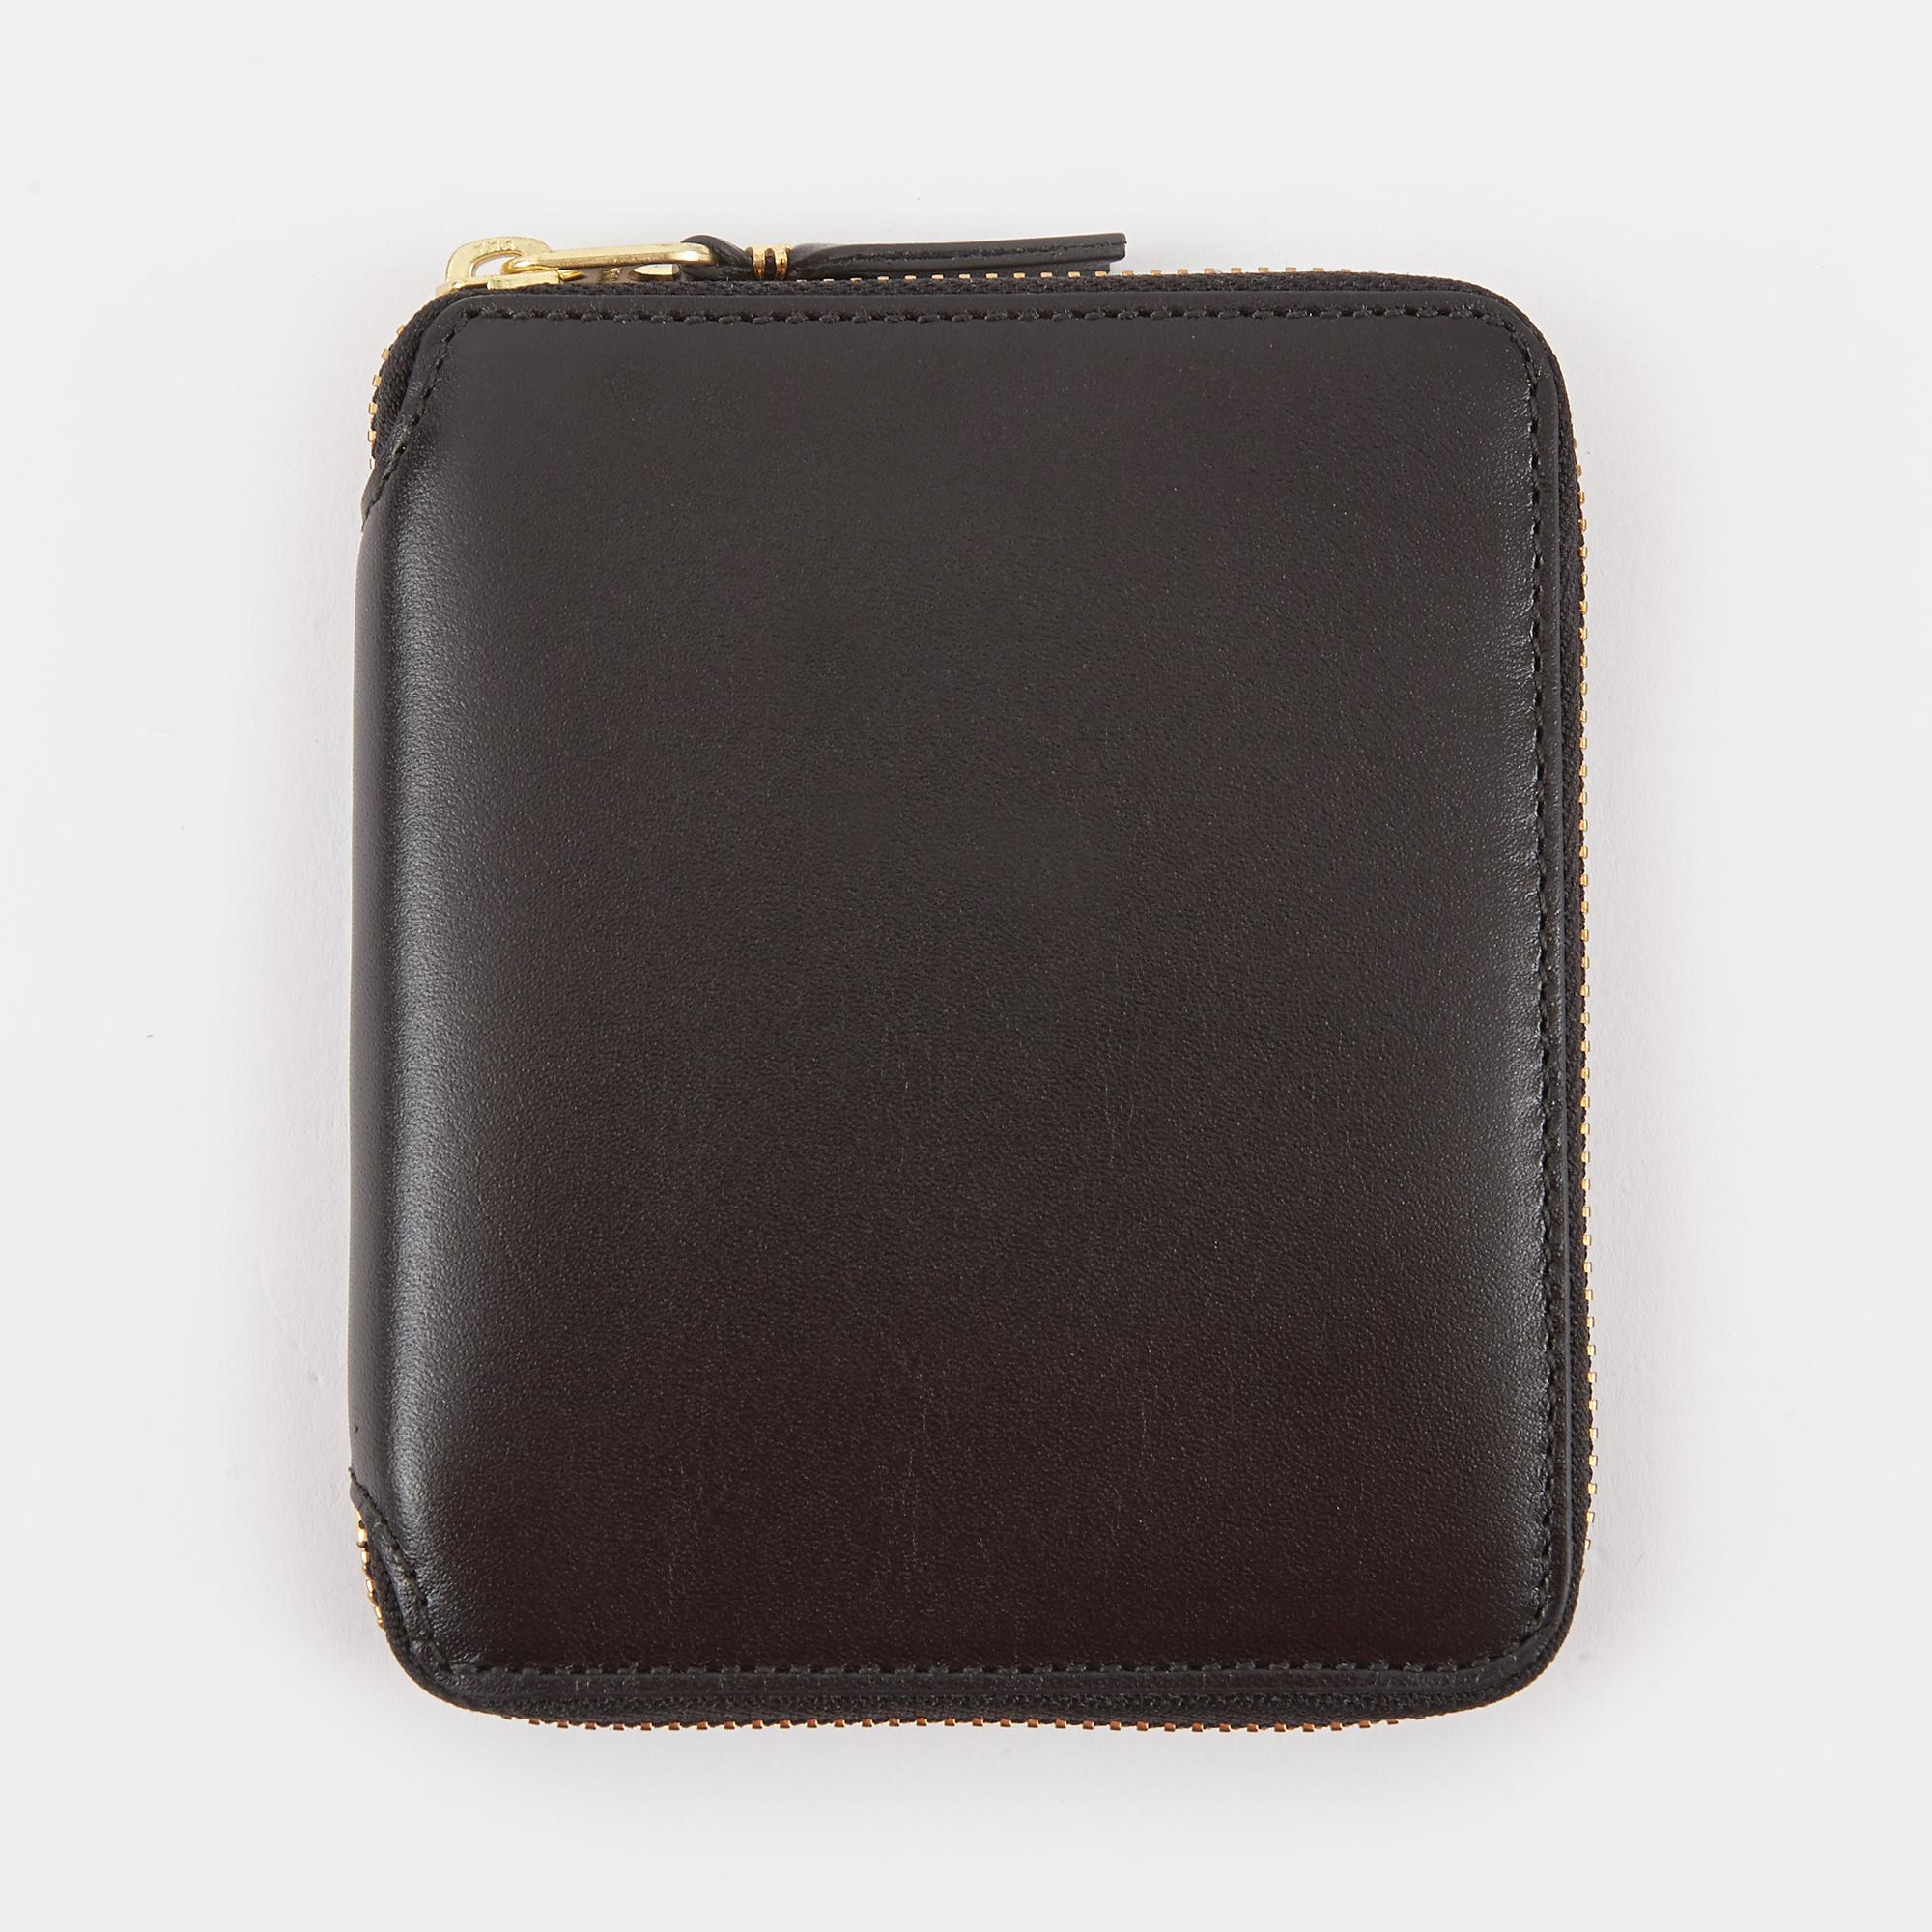 Comme Des Garcons Coin Purse | Comme De Garcons Wallet | Mens Comme Des Garcons